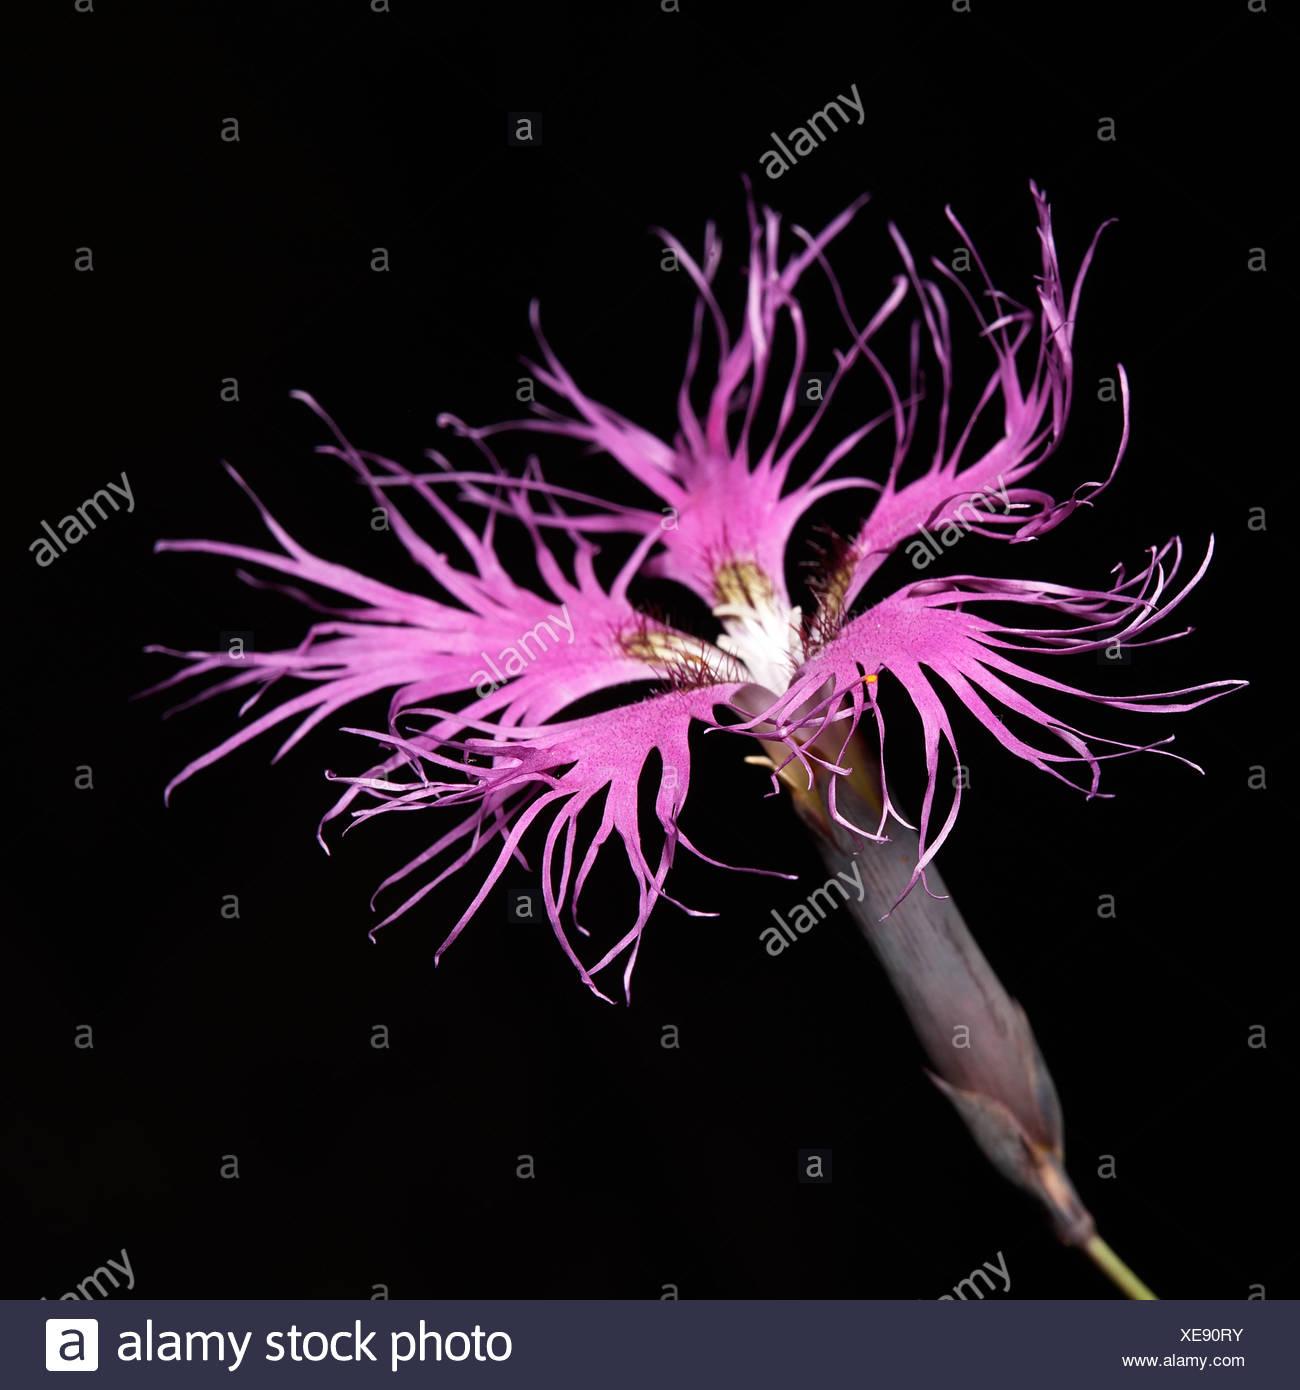 Dianthus superbus - Stock Image